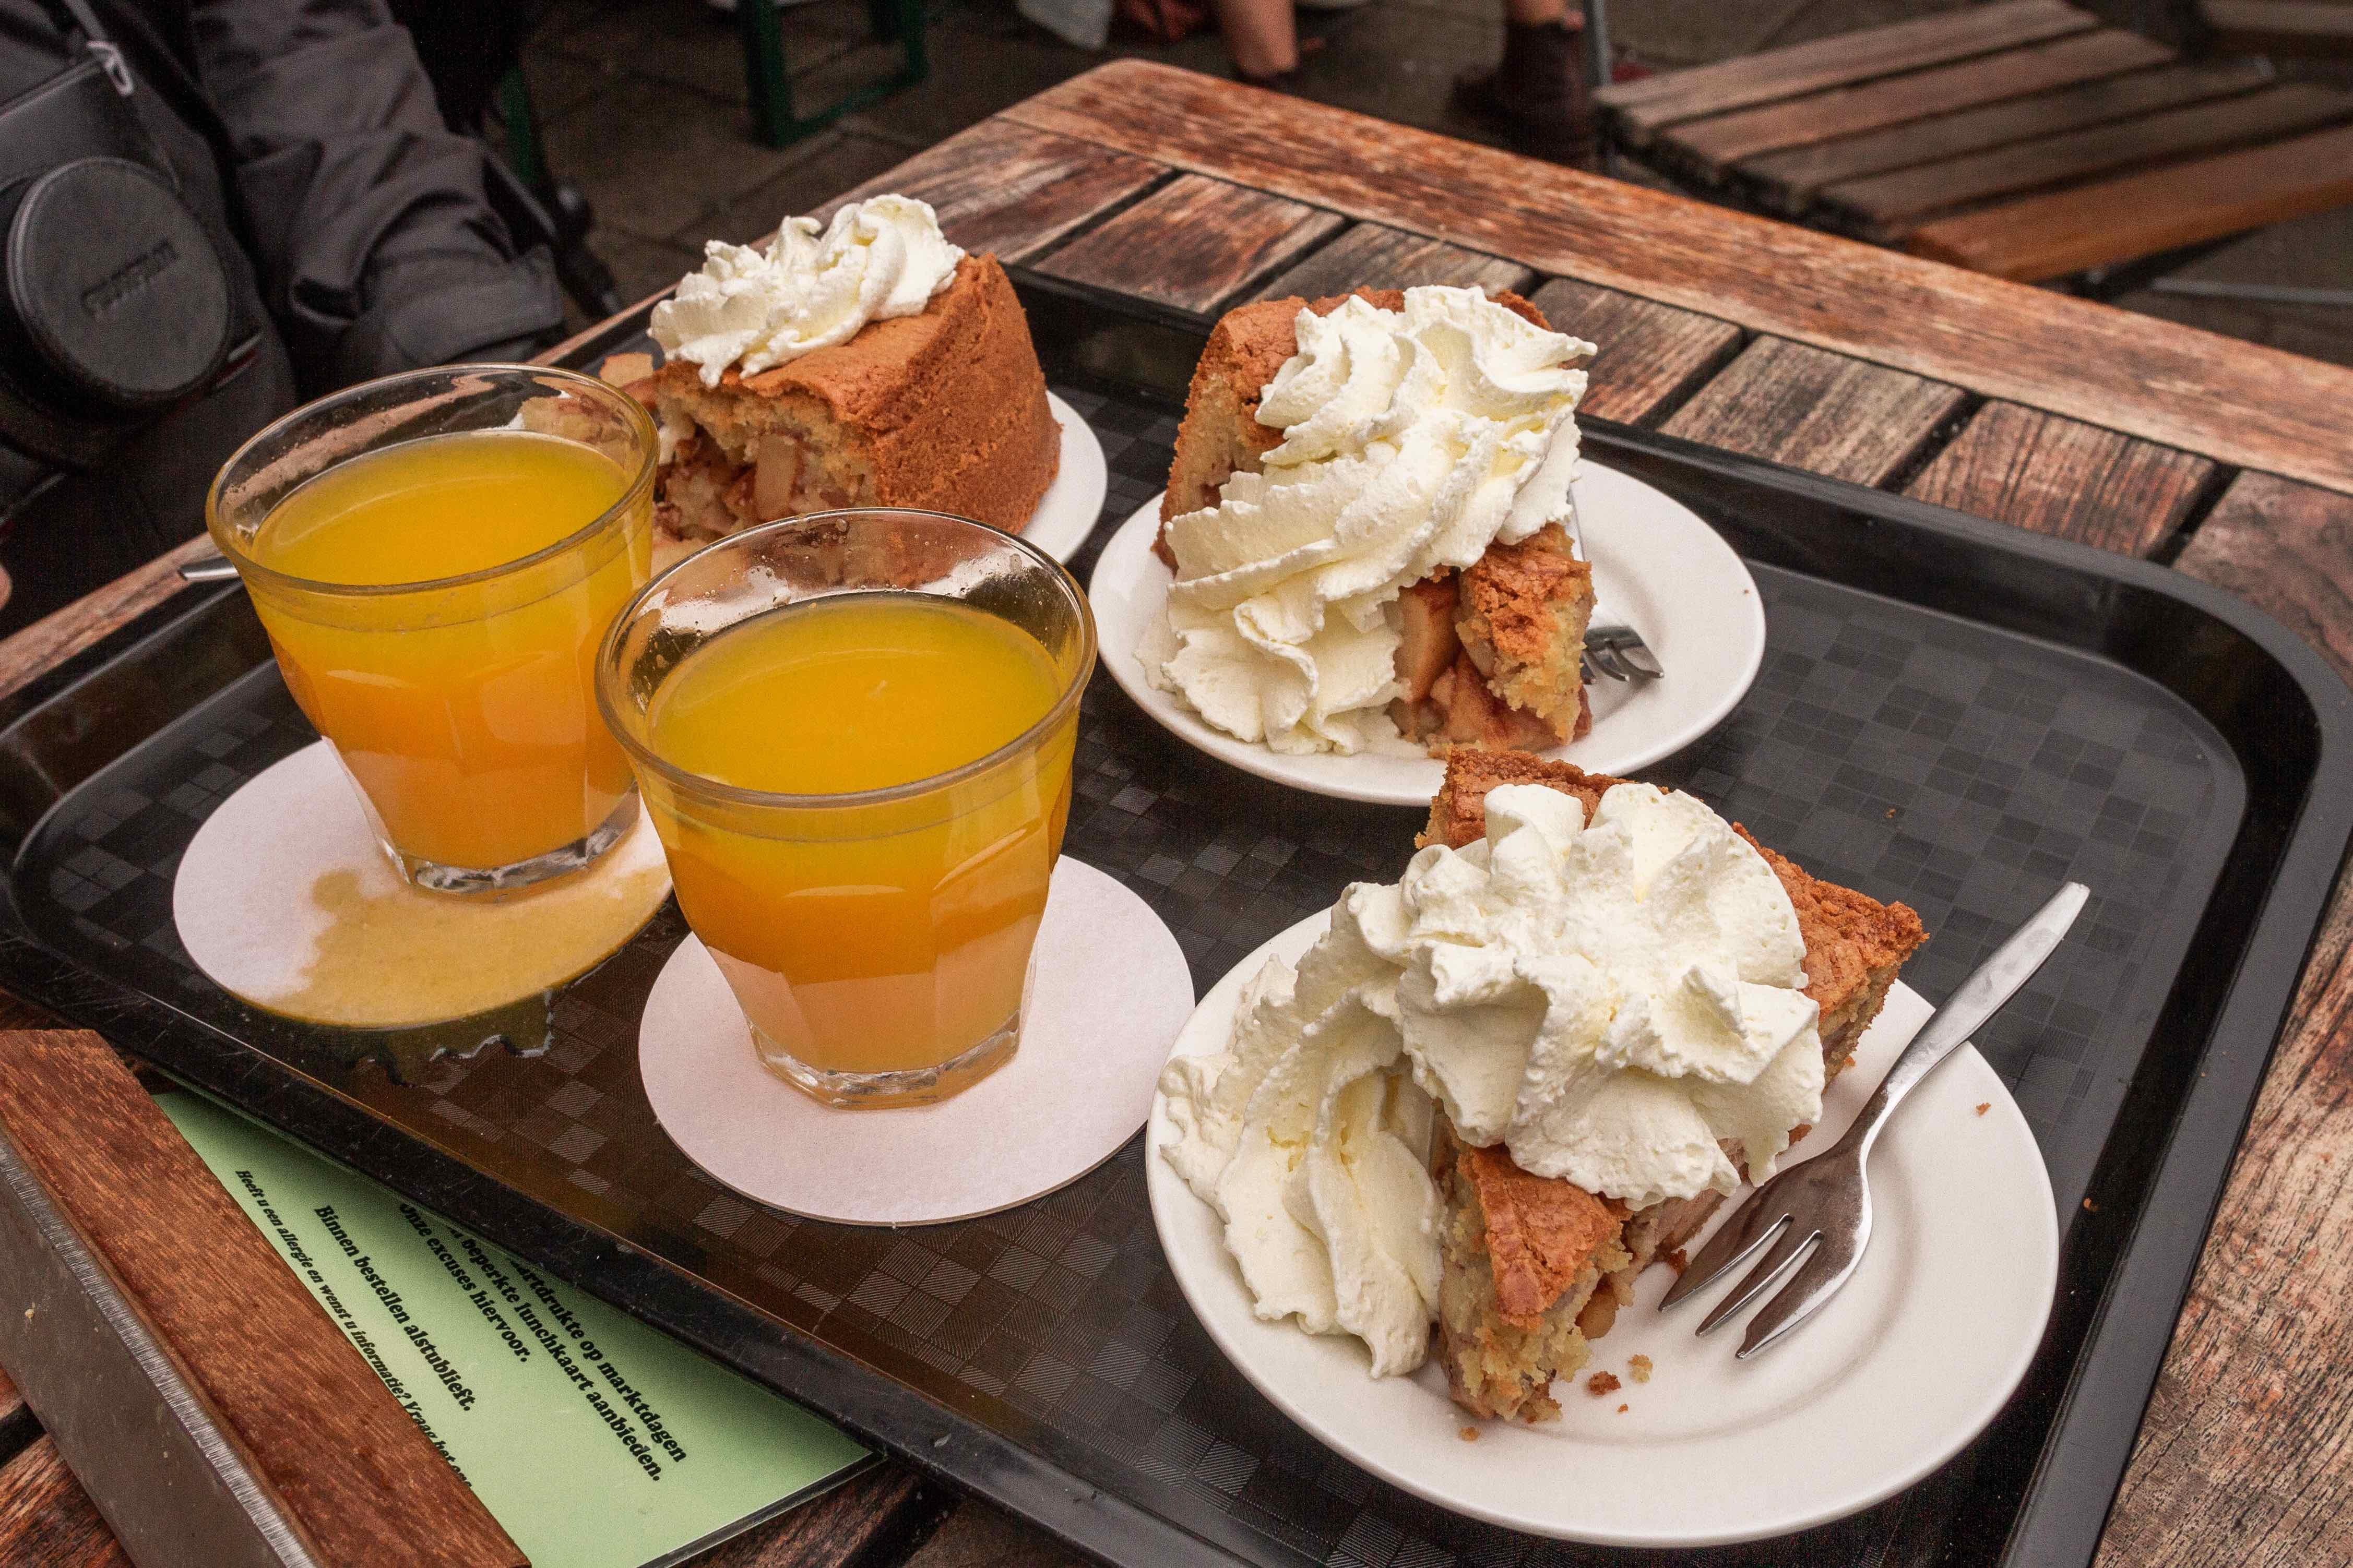 29 cose da vedere ad Amsterdam: tretortedi mele con panna da Winkler43